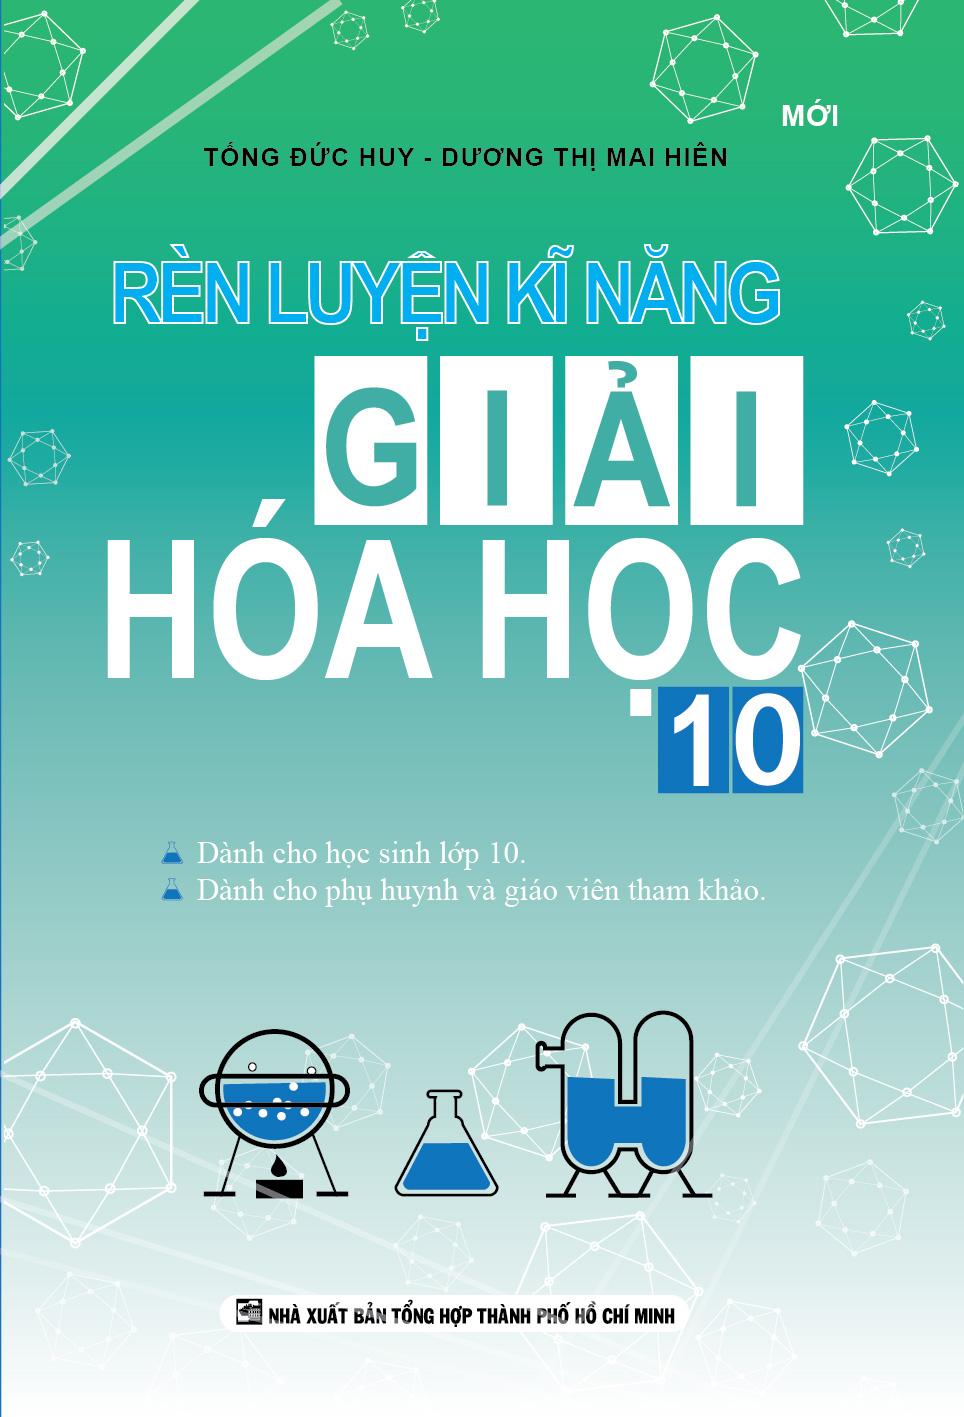 Rèn Luyện Kĩ Năng Giải Hóa Học 10